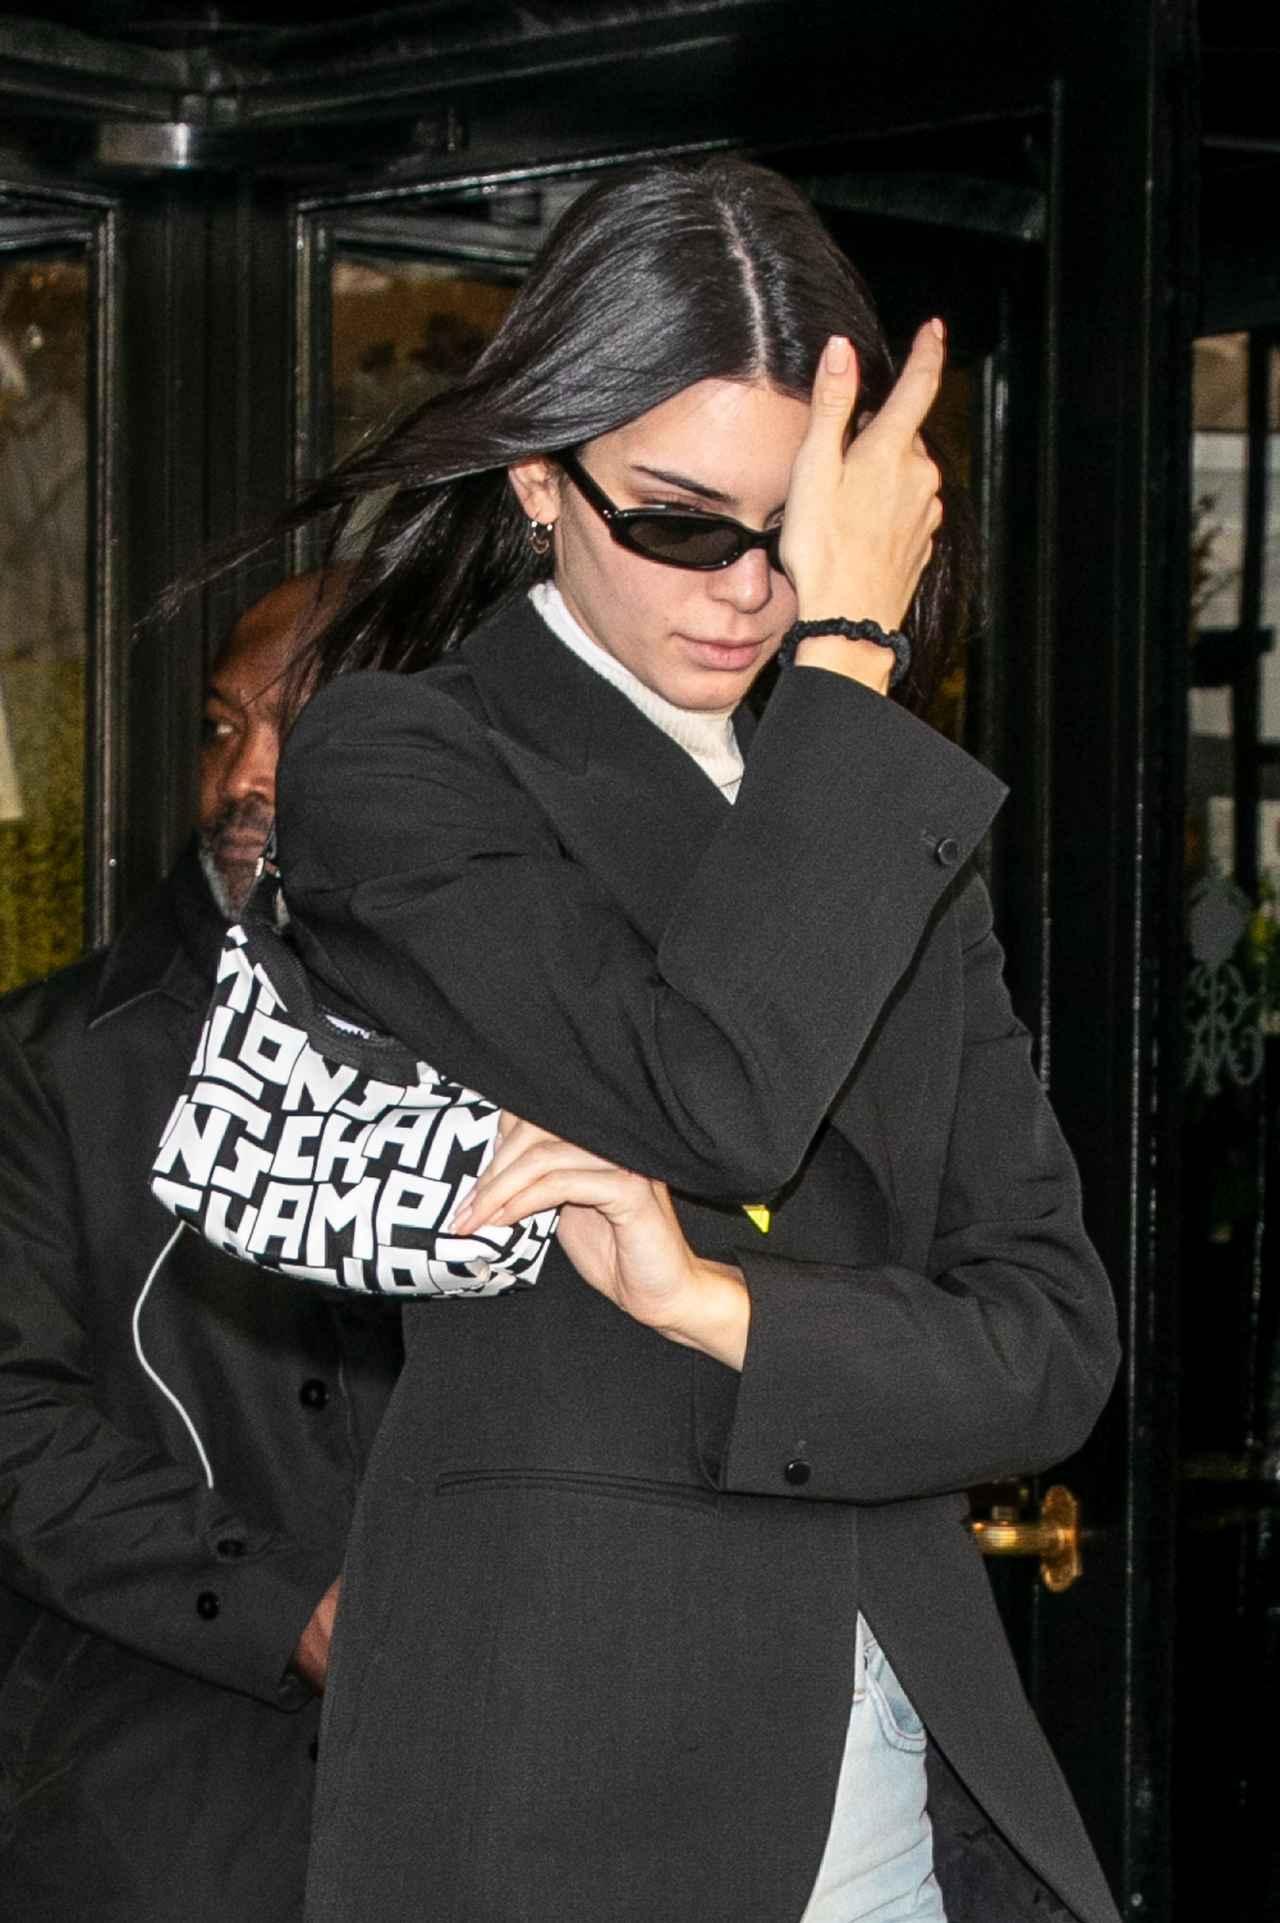 画像2: ケンダル・ジェンナーがロンシャンのロゴバッグをヘビロテ♡